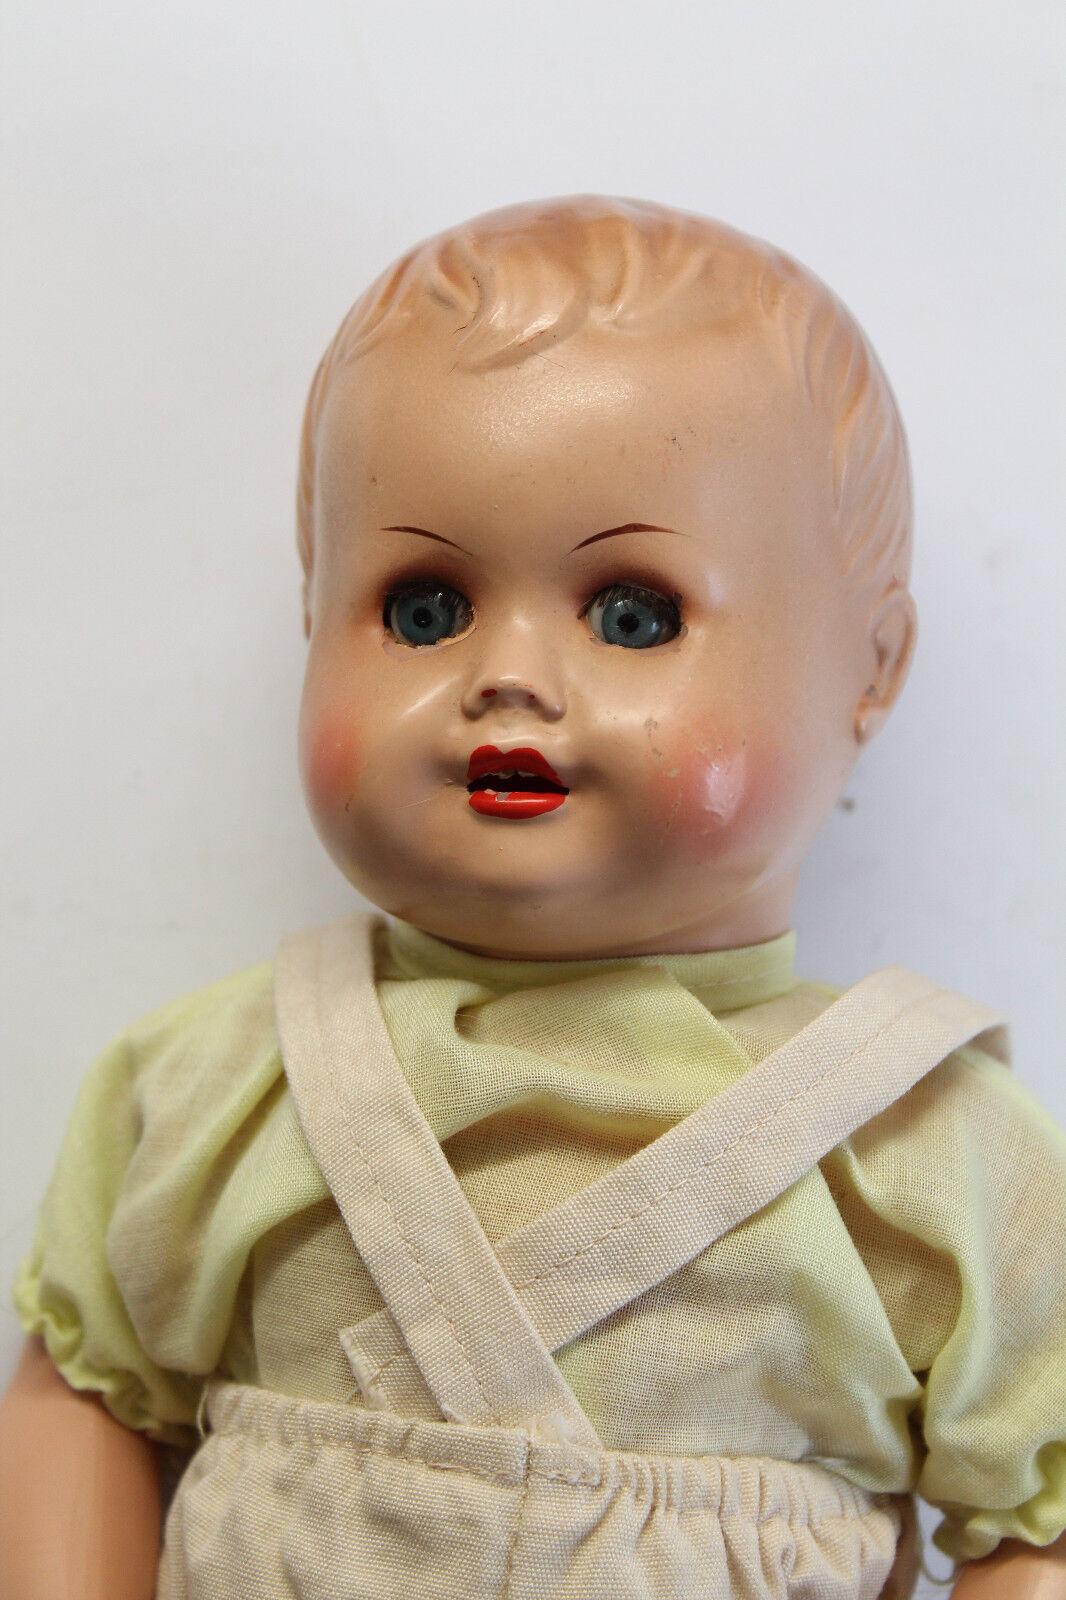 Antike Puppe Arthur Schönau Sonneberg ASS um 1930/40 mit Stimme 33 cm xz